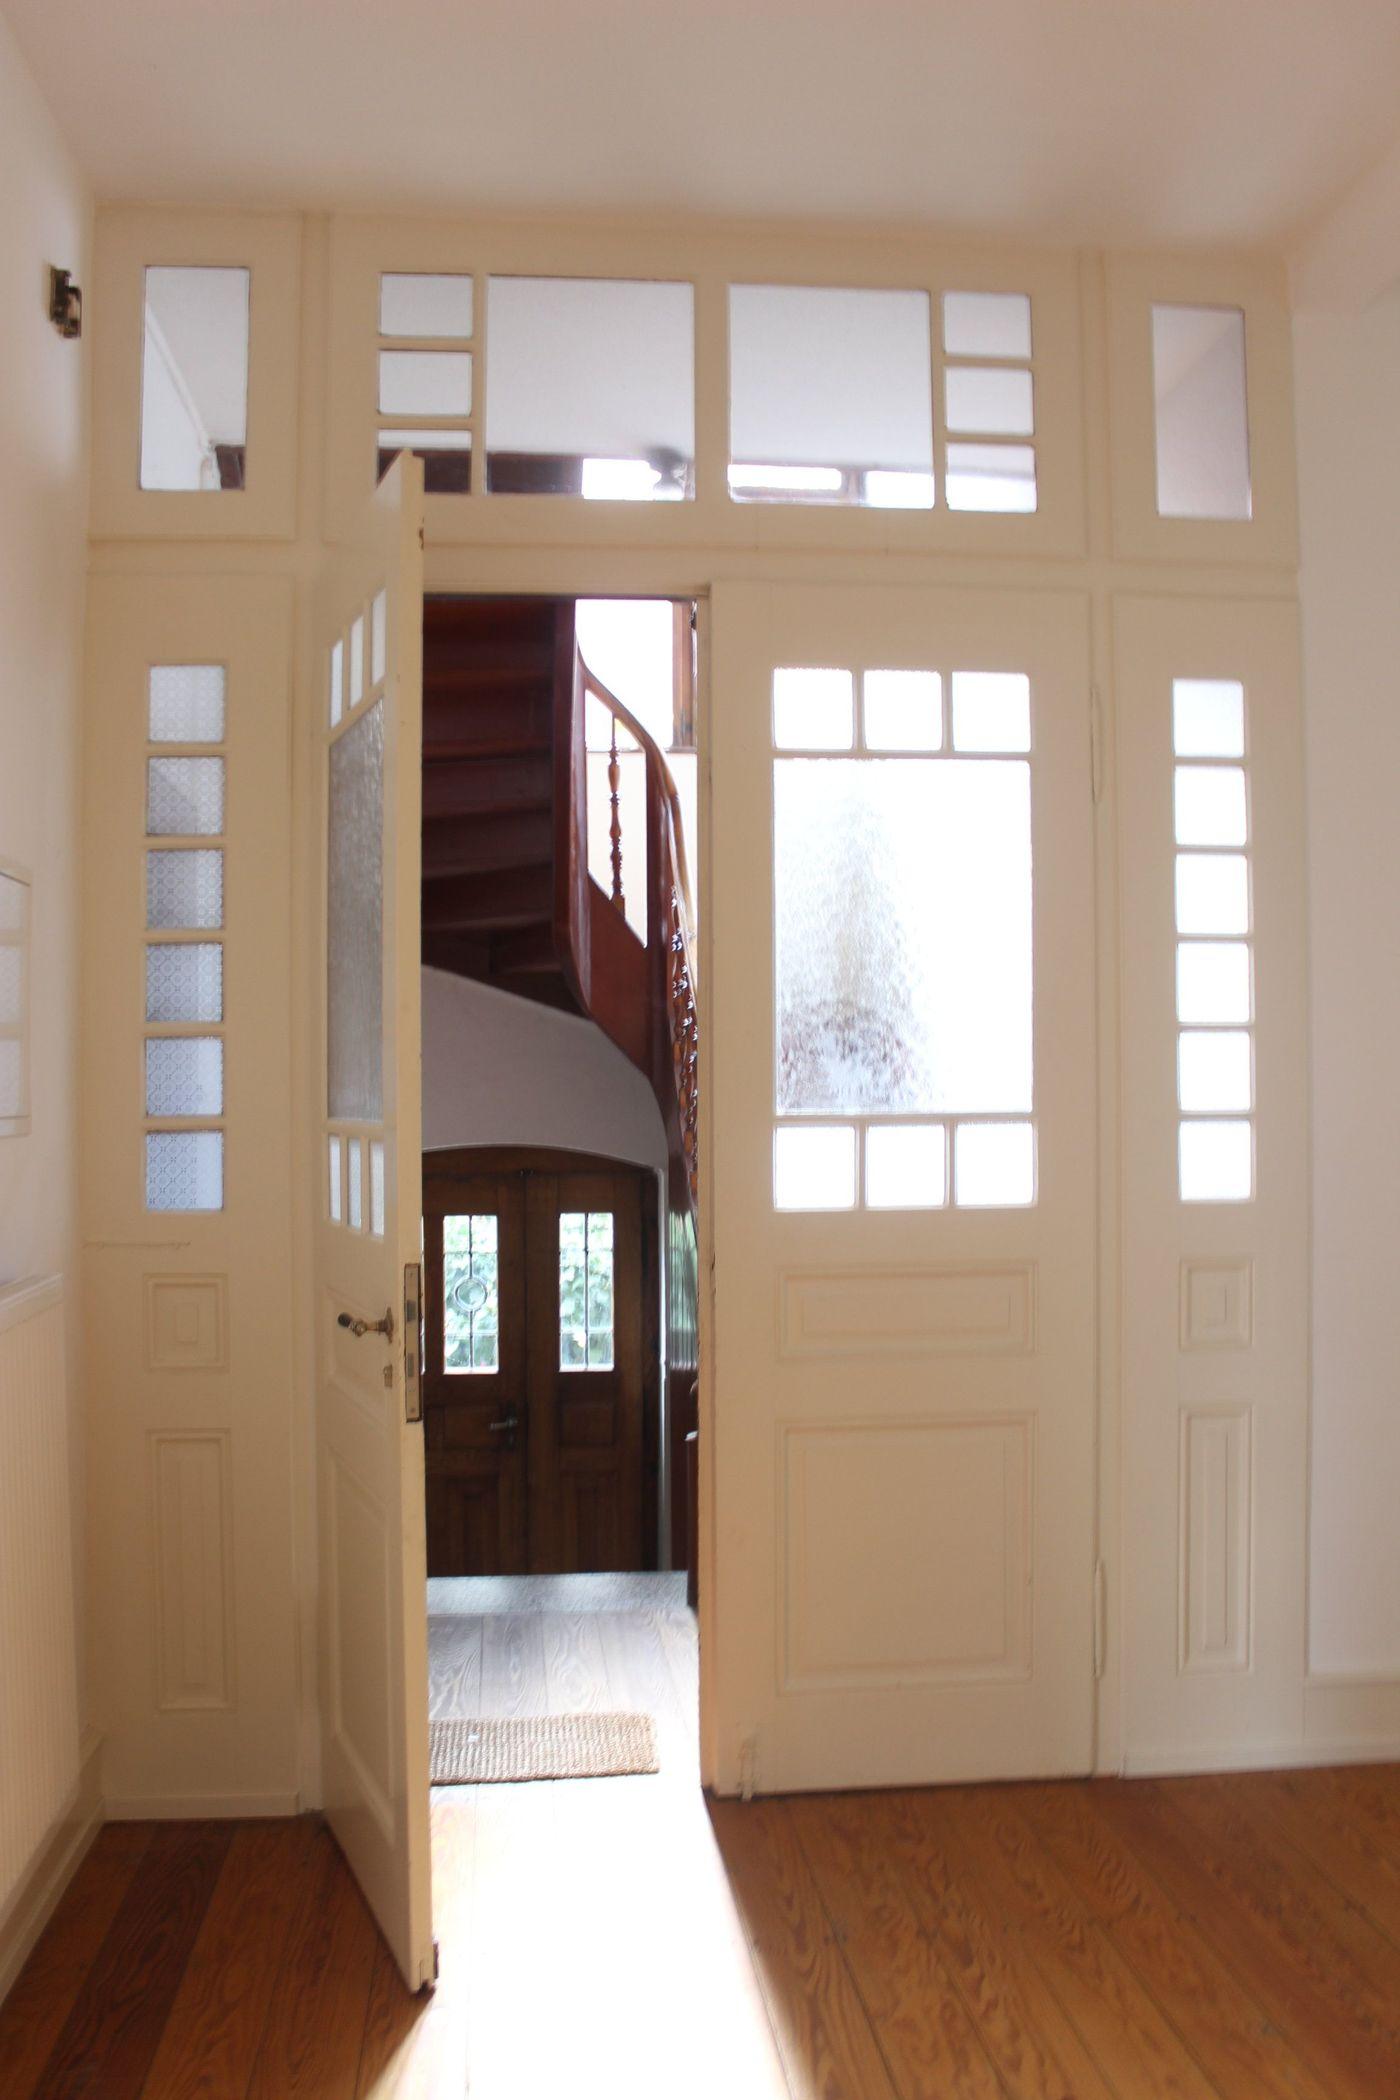 Extrem Treppenhaus gestalten: Schöne Ideen und Tipps - Seite 2 BS97